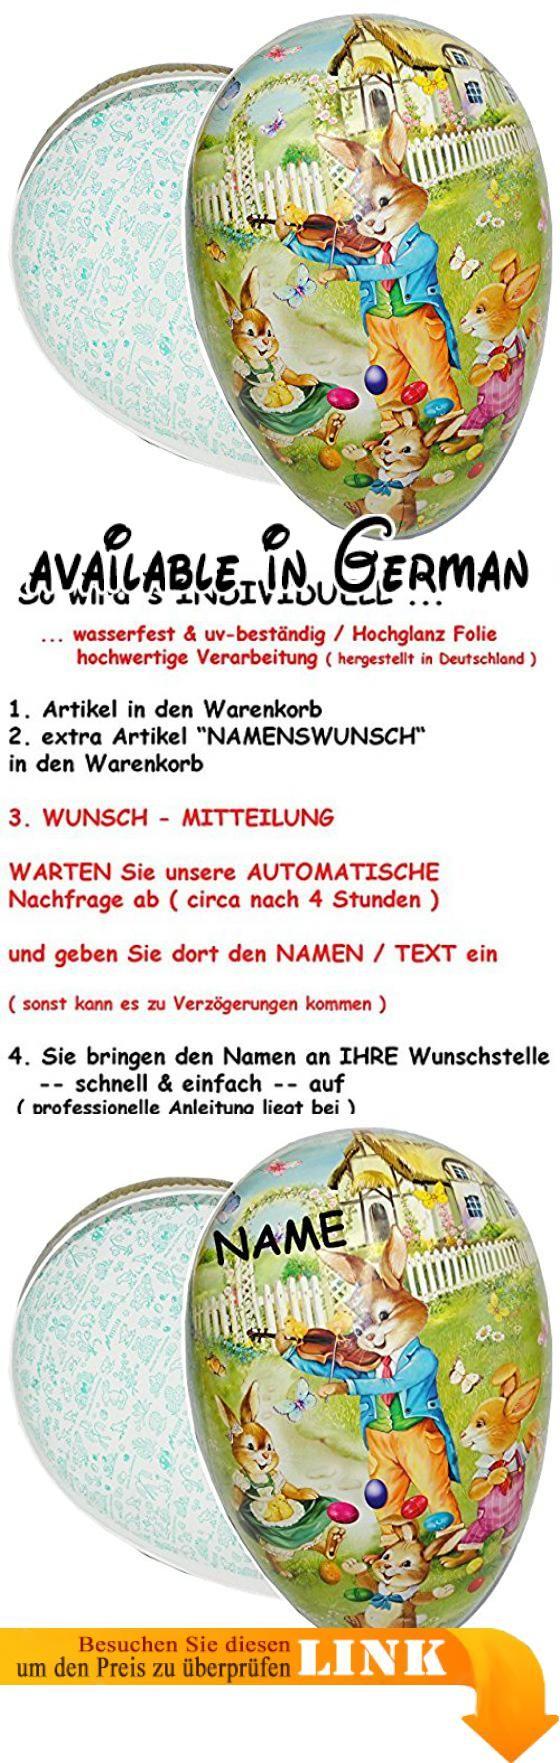 """3 Stück _ XXL - Füll - Pappei 38 cm - """" Osterhase mit Violine / Musikinstrument """" - Osterei / Ei zum Befüllen - Deko Pappe Papp Pappeier - Dekoei Pappostereier Füllen - Osterdeko - Ostern - Dekoration / Geschenk - Ostereier Suchen - Füllei. 3 Stück _ sehr große und hochwertige XXL Pappeier mit schönem - """" Osterhase mit Violine / Musikinstrument """" - Motiven. Größe: circa 38 cm lang ; 24 cm breit und 24 cm hoch - Material: aufwenig bedruckte und mit Lack beschichtete"""